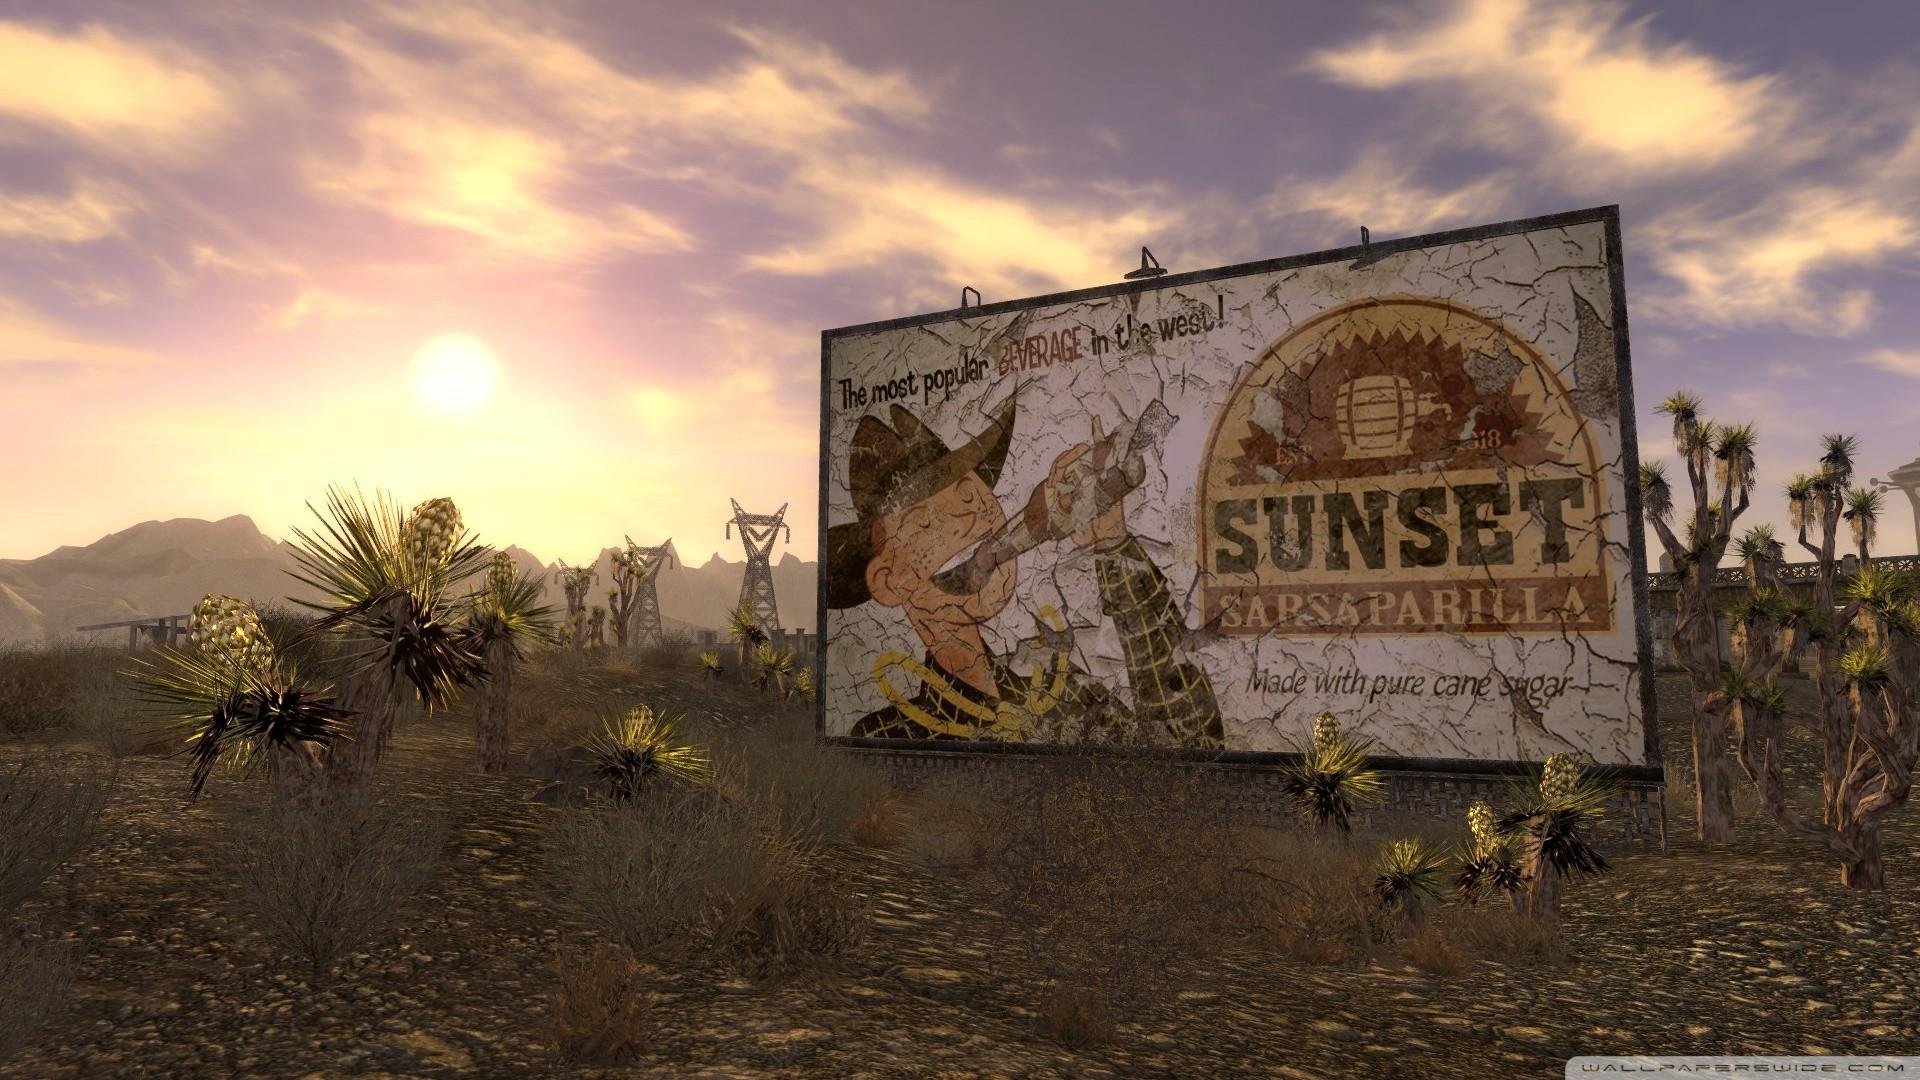 … fallout new vegas screenshot hd desktop wallpaper widescreen …